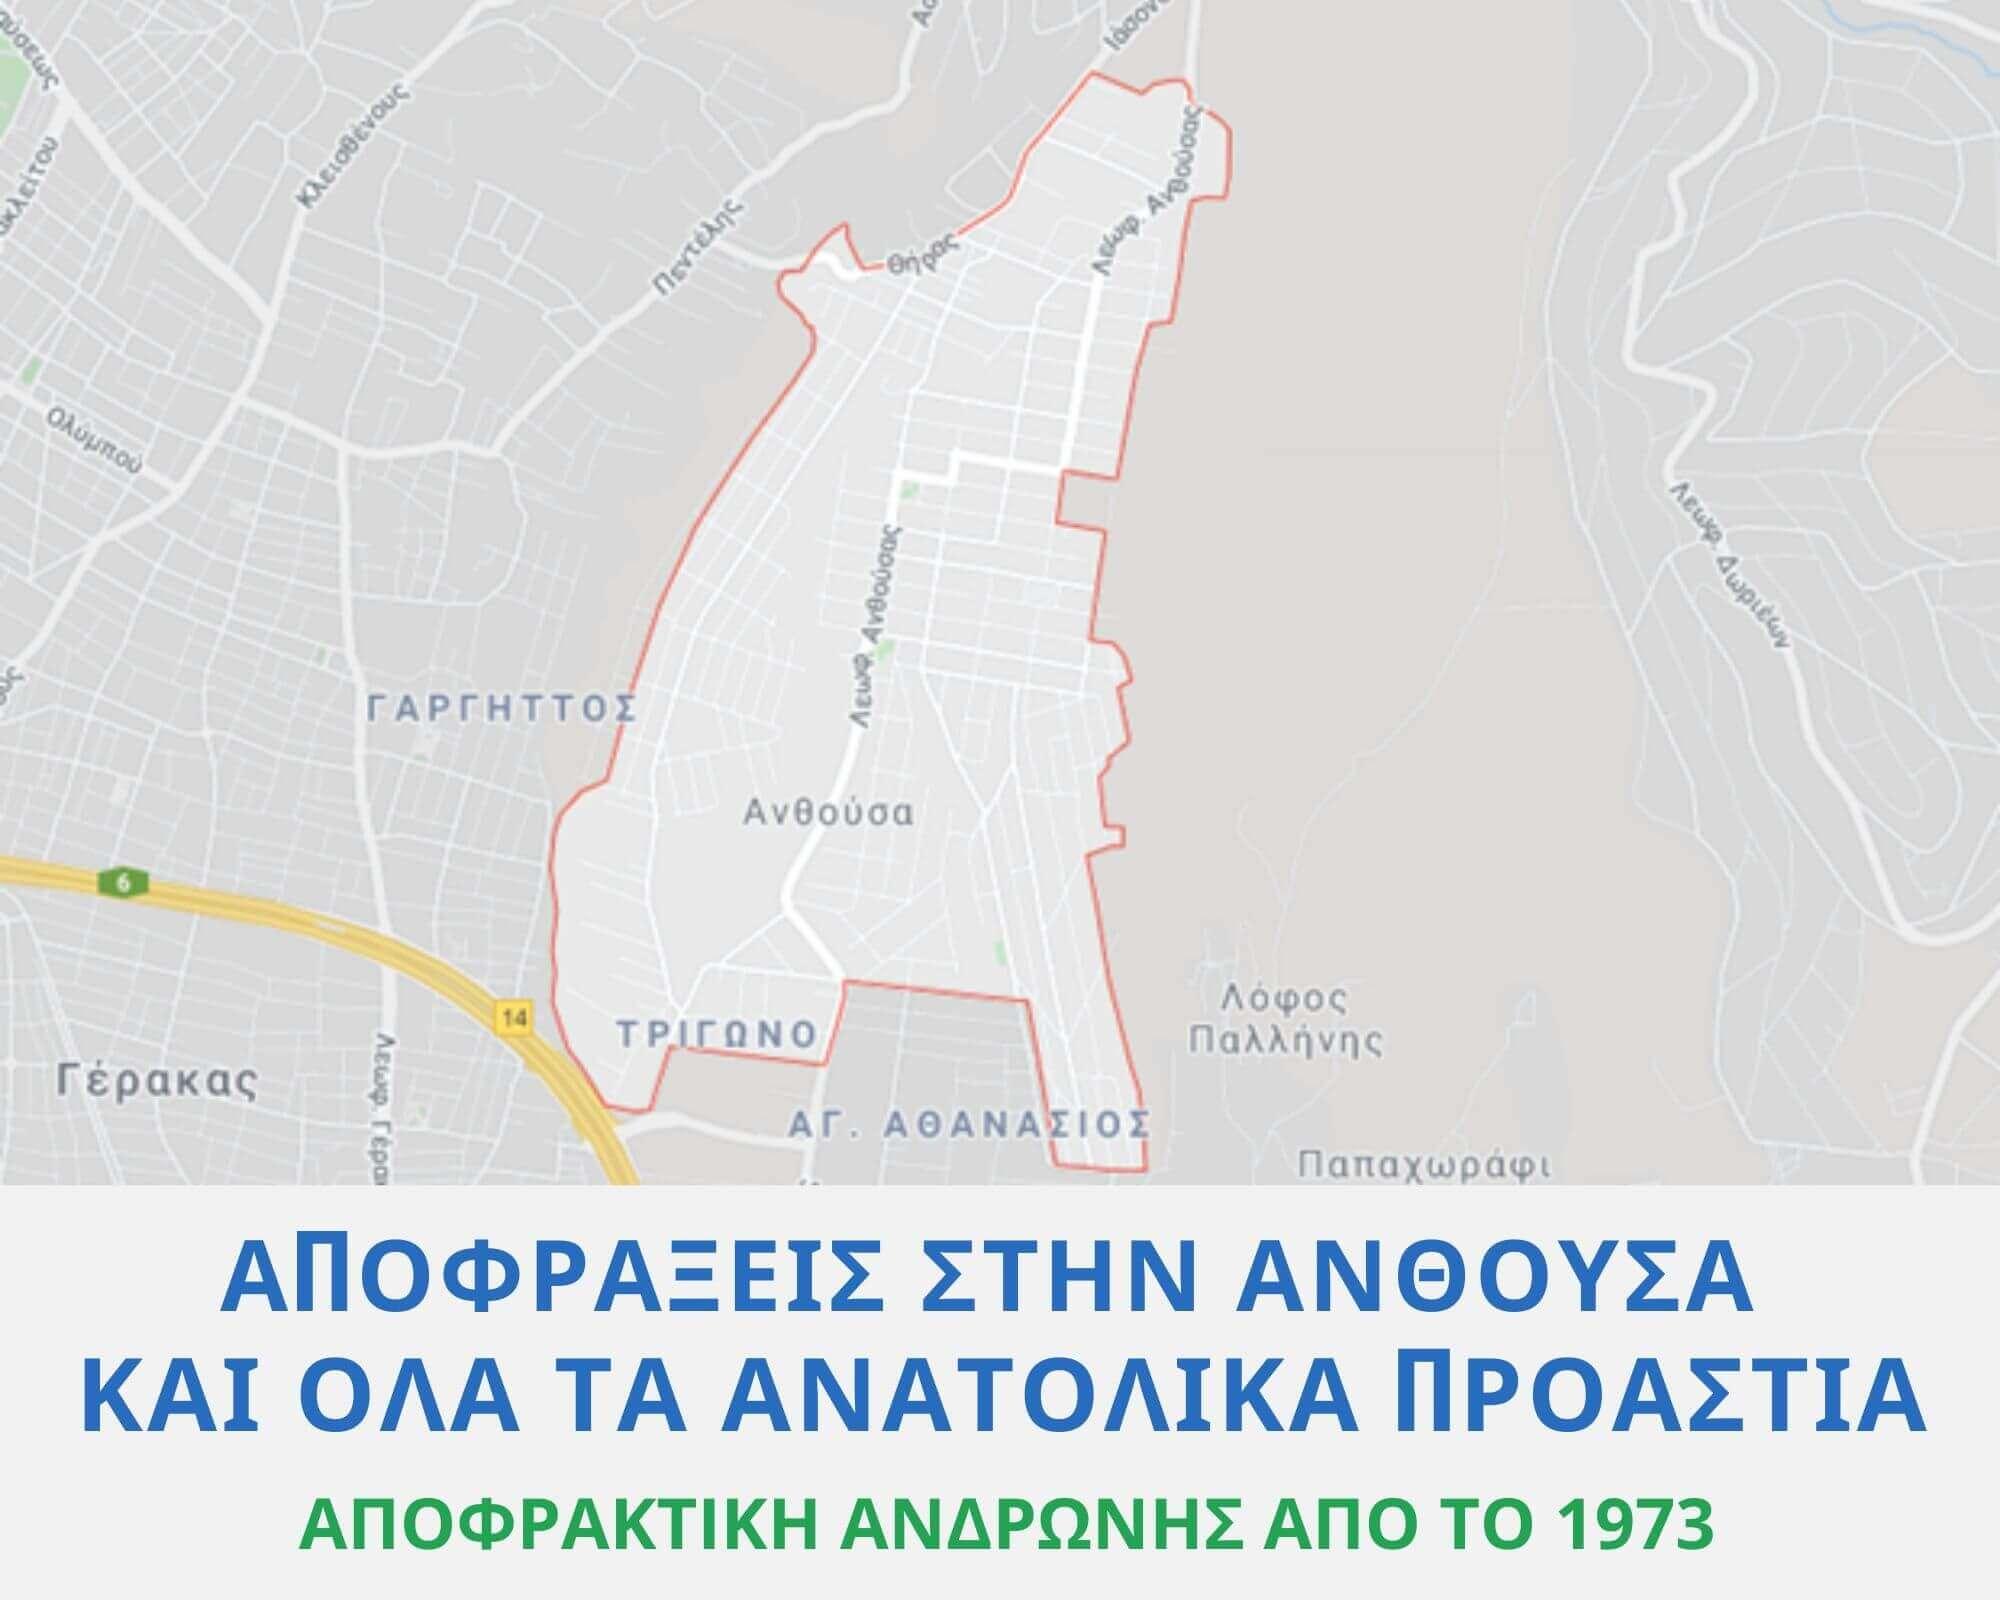 Αποφράξεις Ανθούσα - 213.02.50.818 - Αποφράξεις Αθήνα